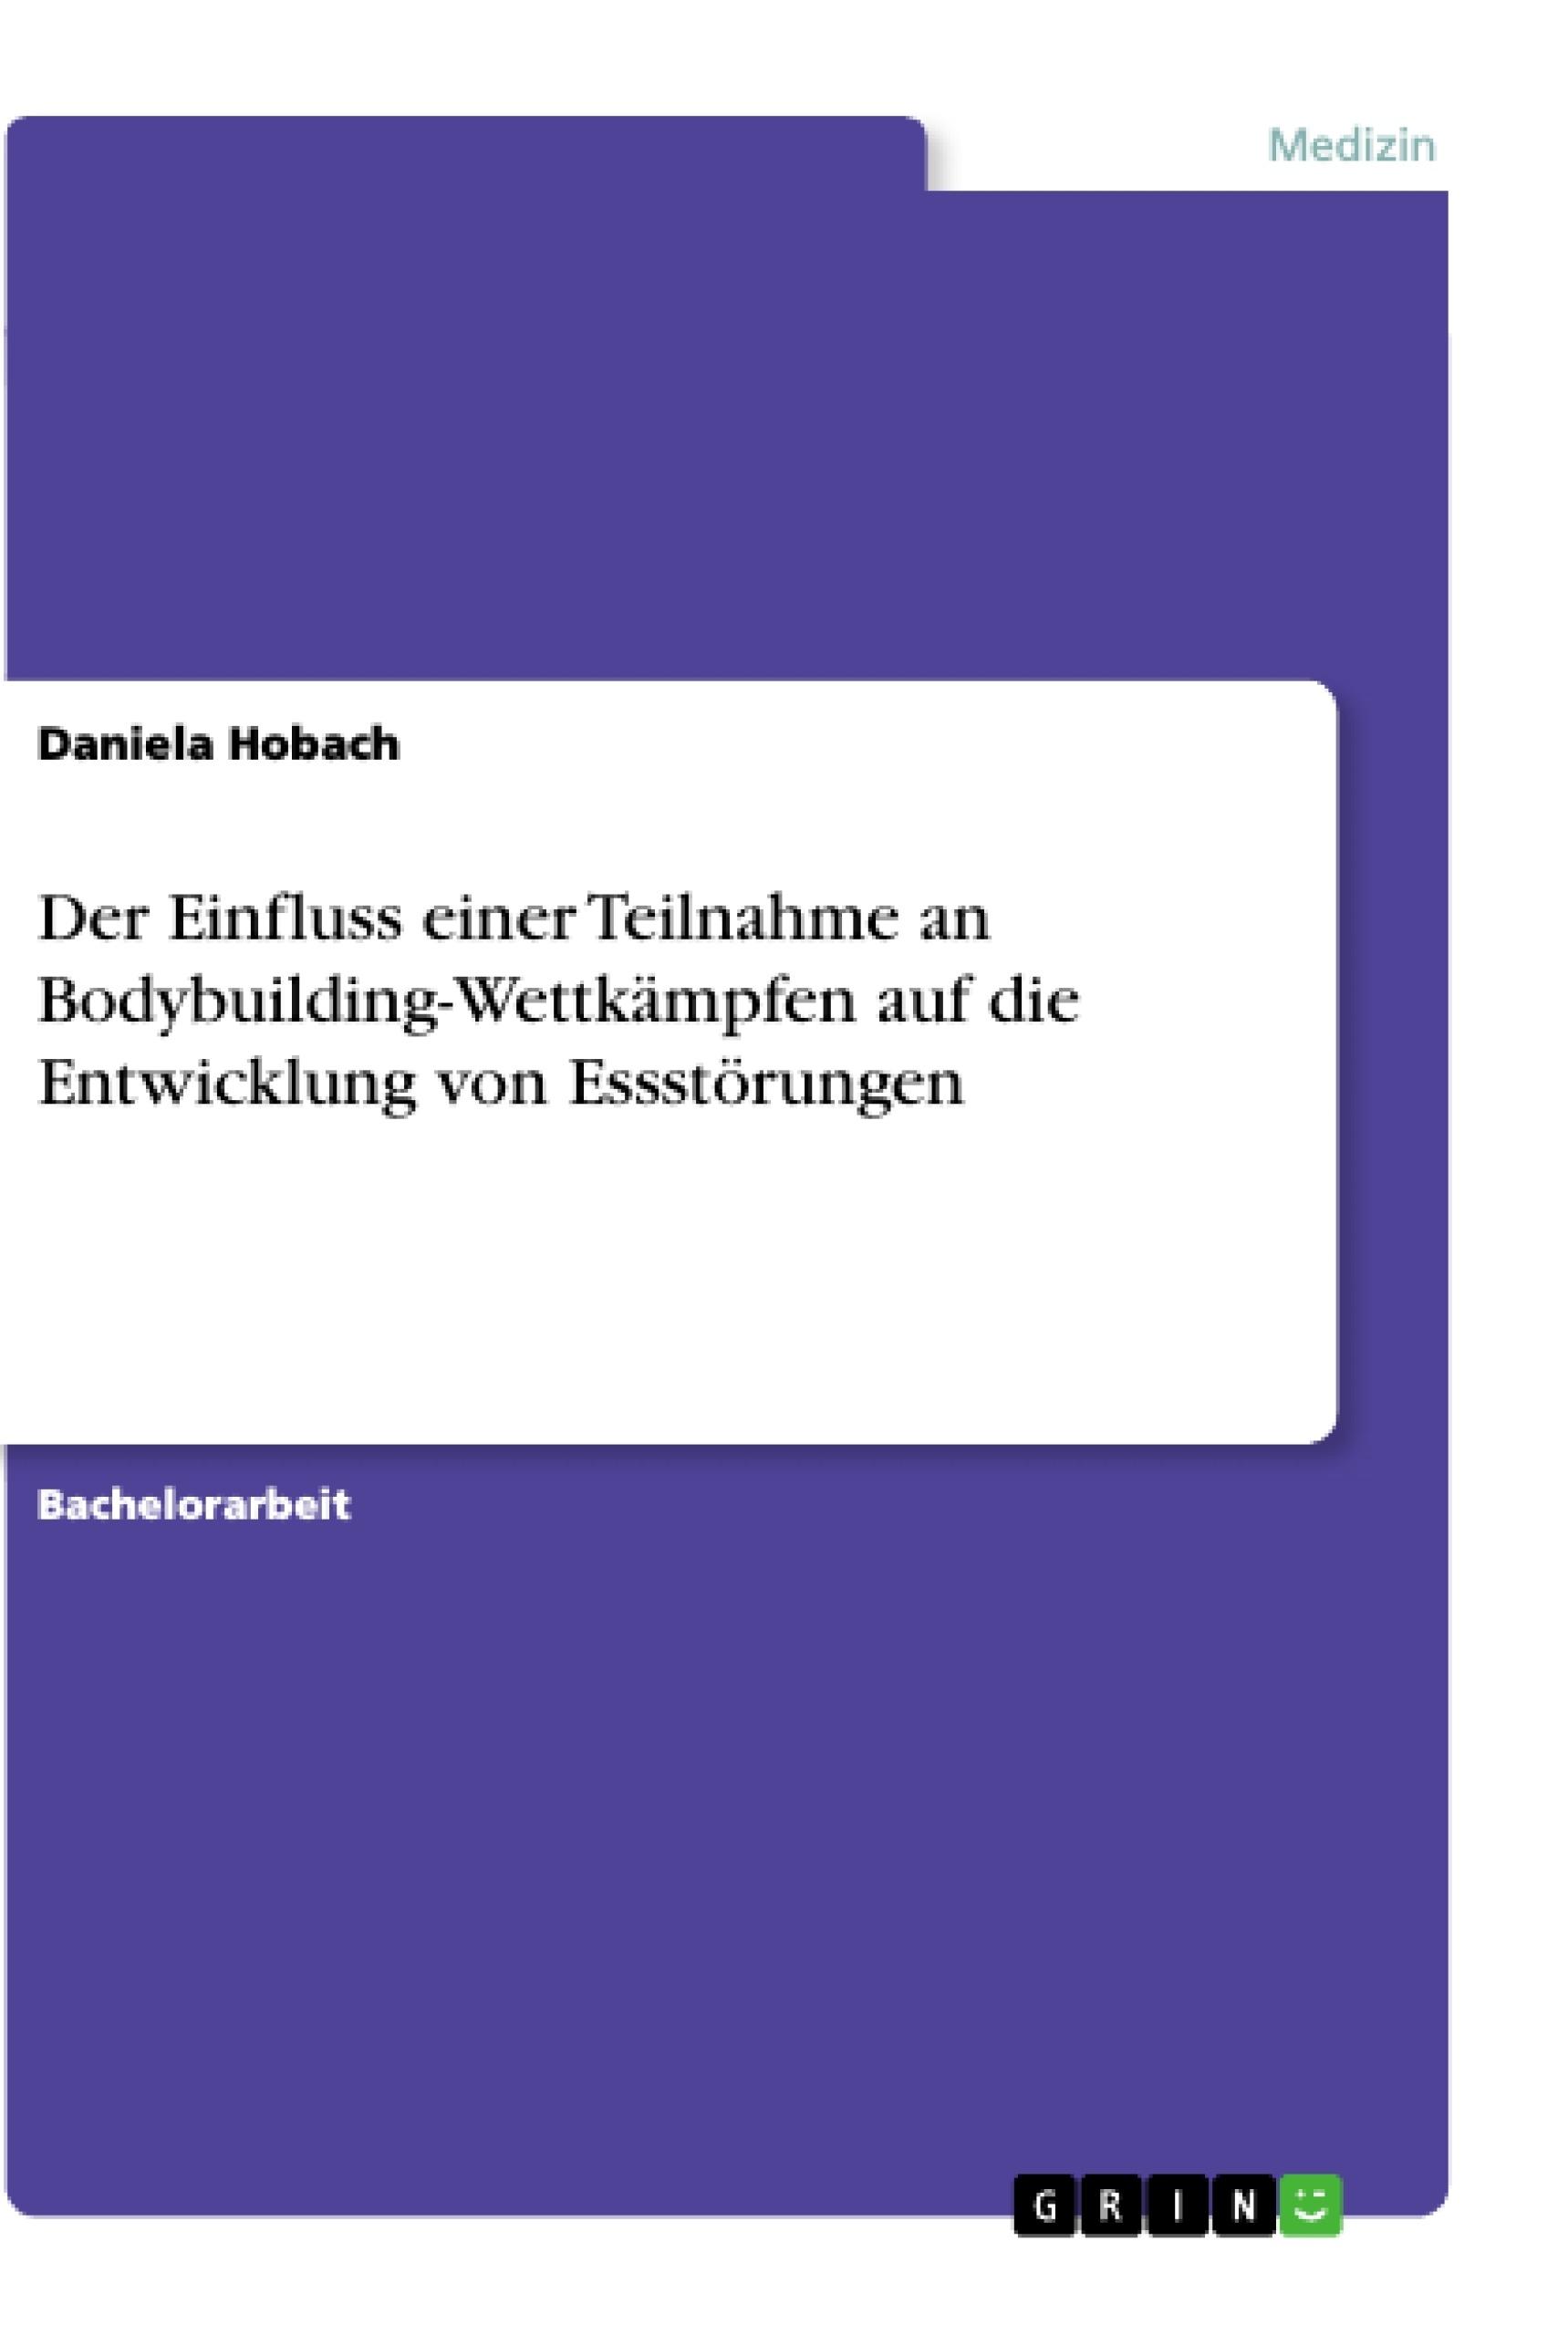 Titel: Der Einfluss einer Teilnahme an Bodybuilding-Wettkämpfen auf die Entwicklung von Essstörungen